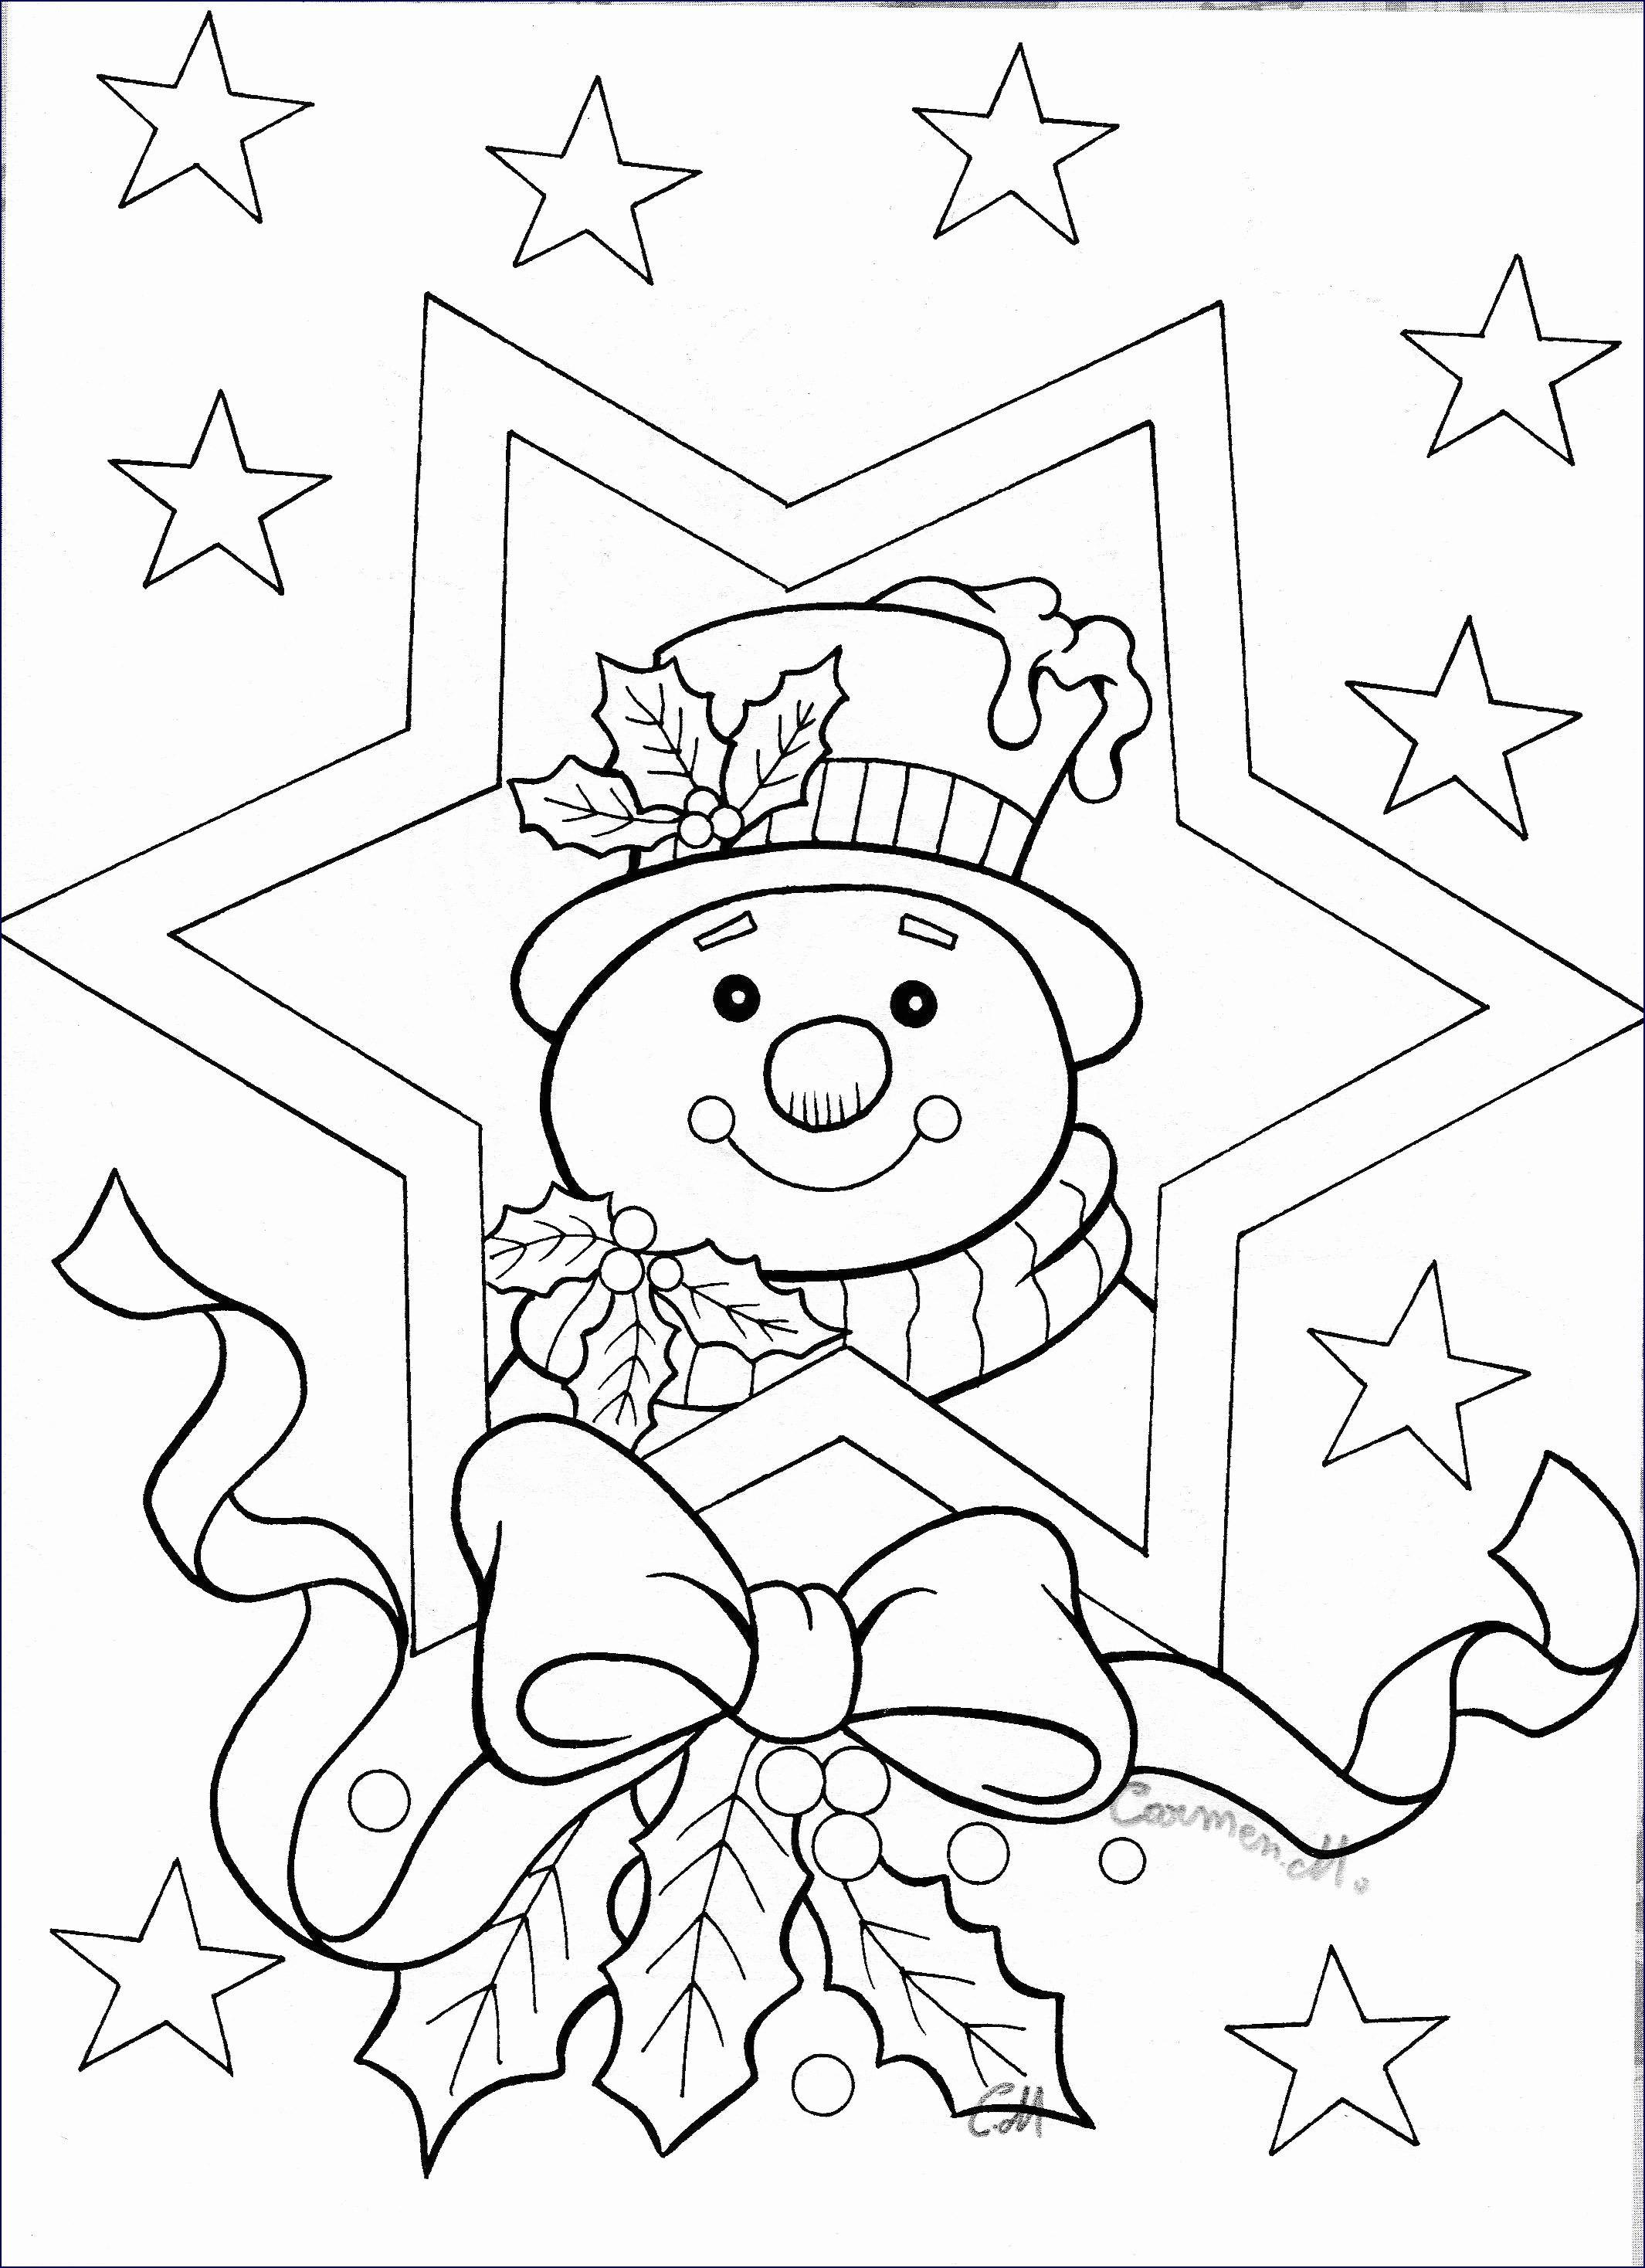 Clown Zum Ausmalen Frisch 47 Inspirierend Ausmalbilder Zum Ausdrucken Elsa Beste Malvorlage Sammlung